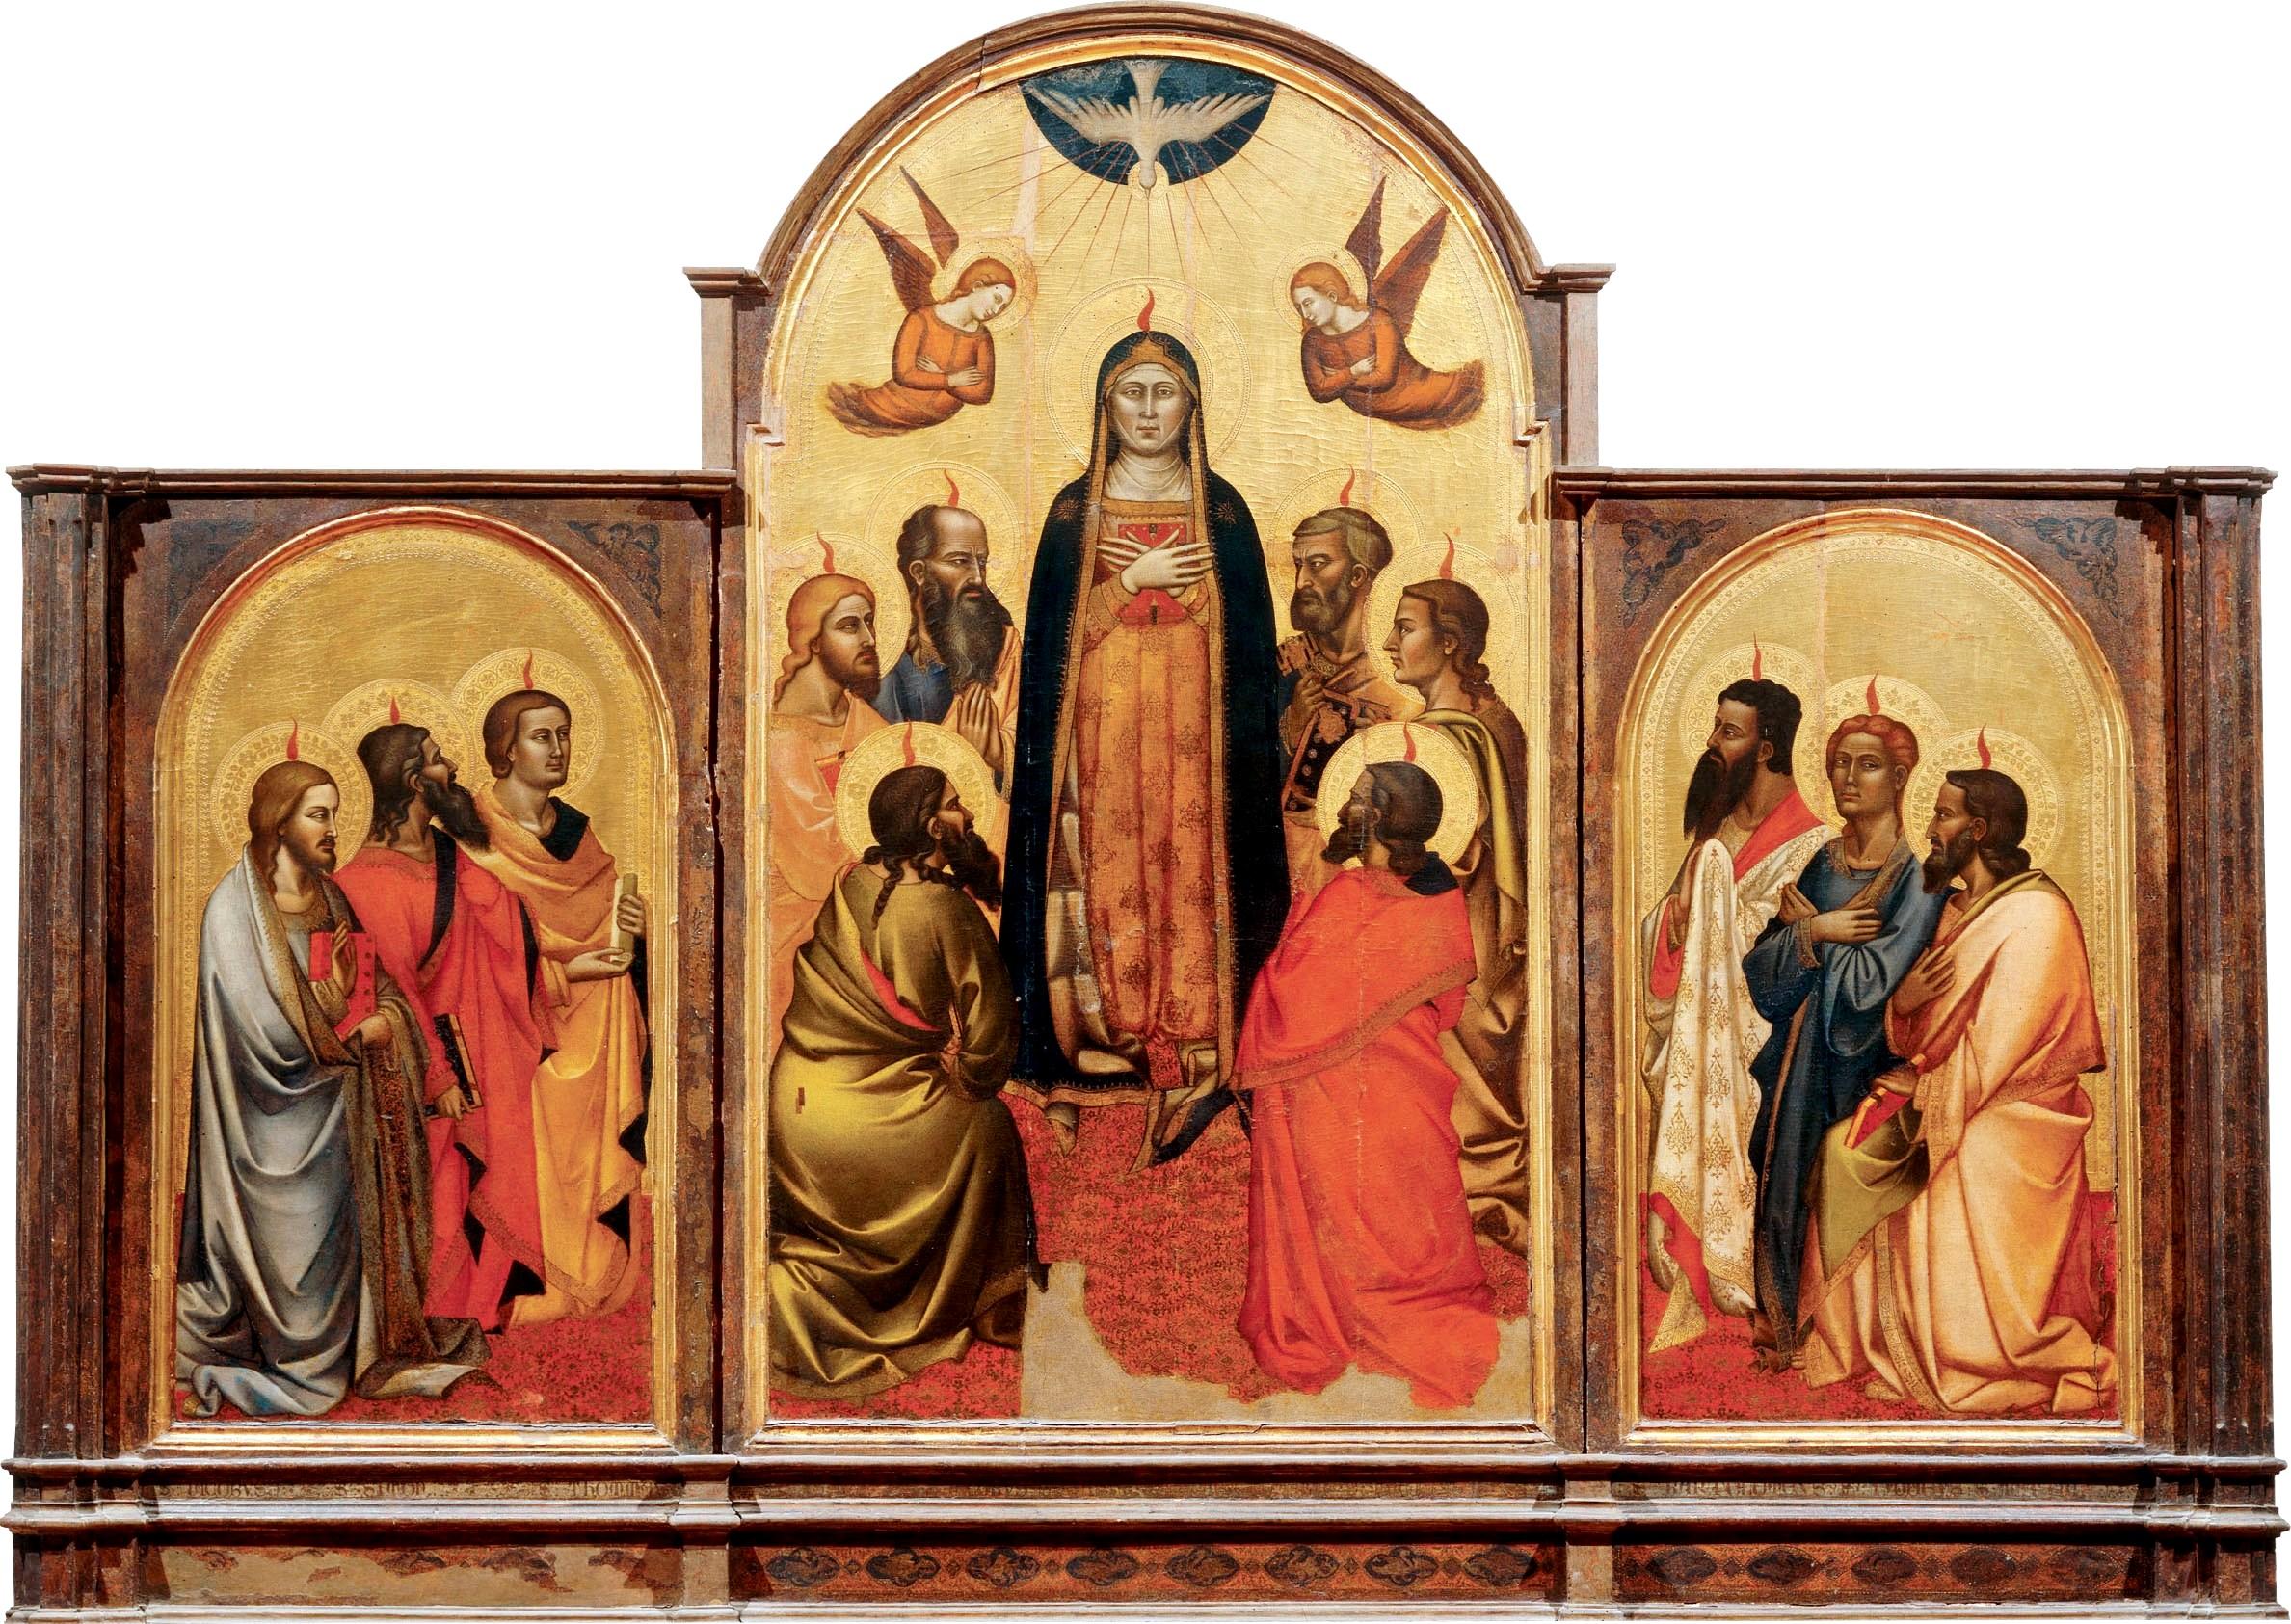 File:Andrea di Cione. Pentecost. 1362-65, Galleria dell'Accademia